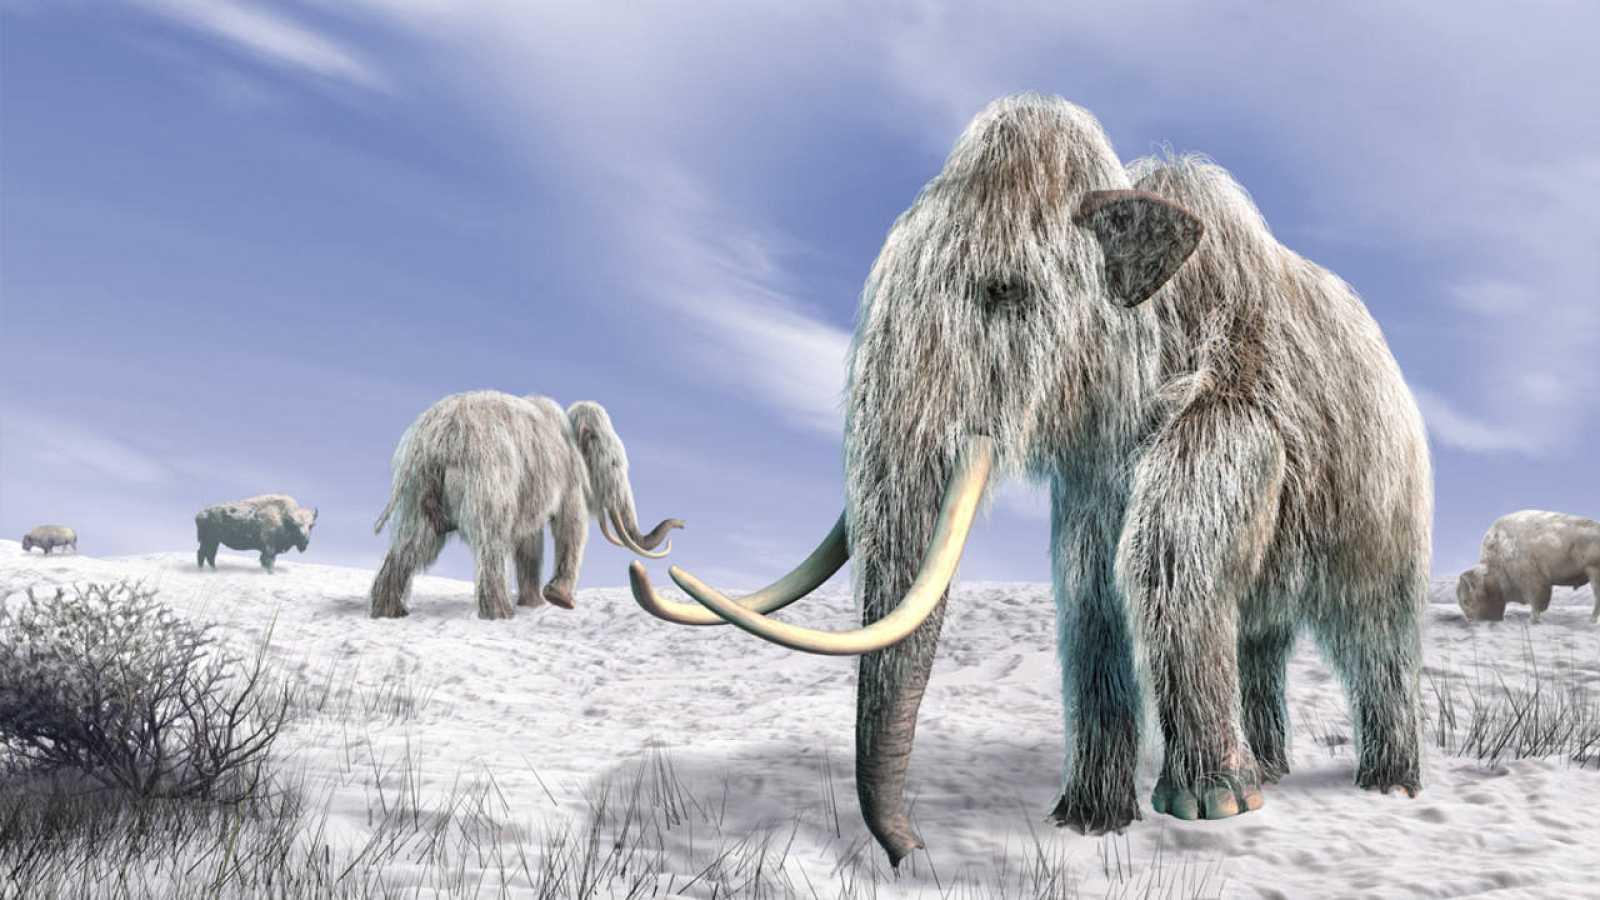 La población de mamuts de la isla de Sant Paul vivió hasta hace aproximadamente 5.600 años.